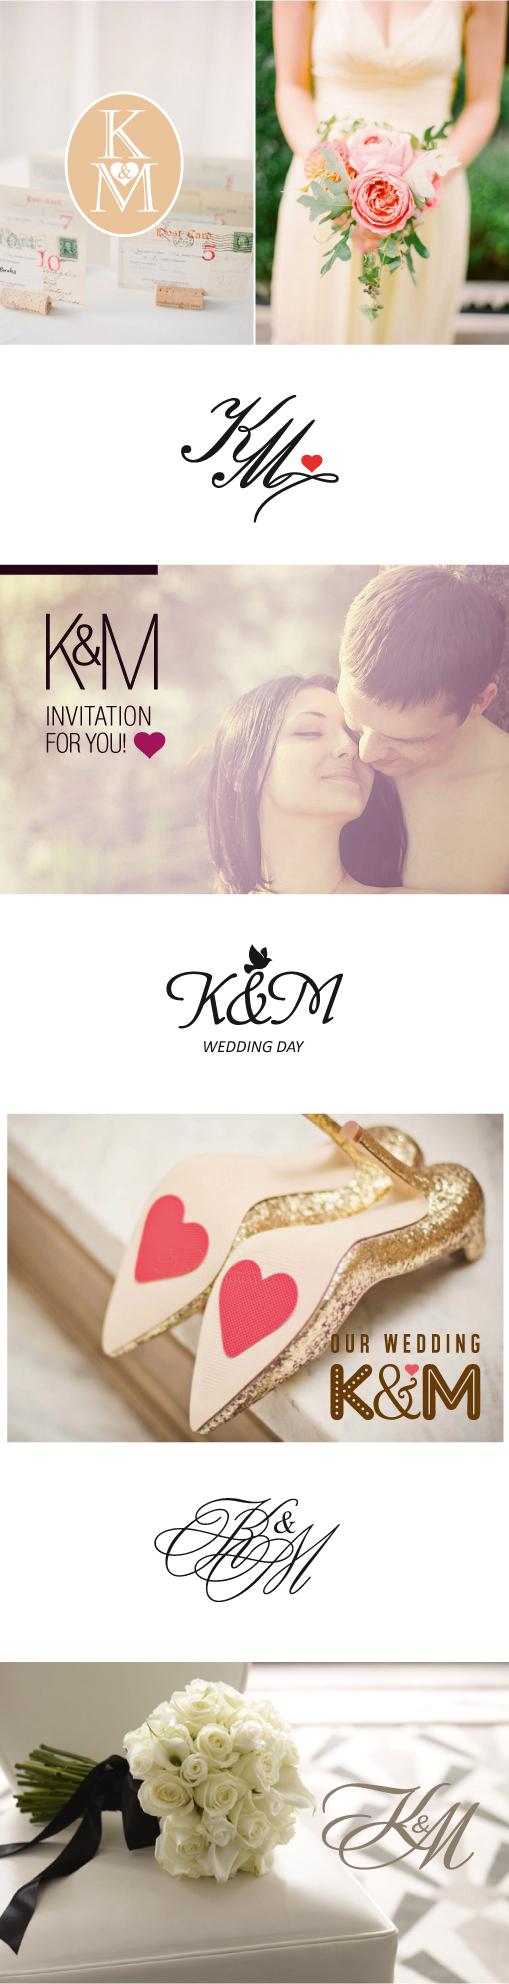 Знак для оформления свадебной полиграфии из первых букв имен жениха и невесты K&M